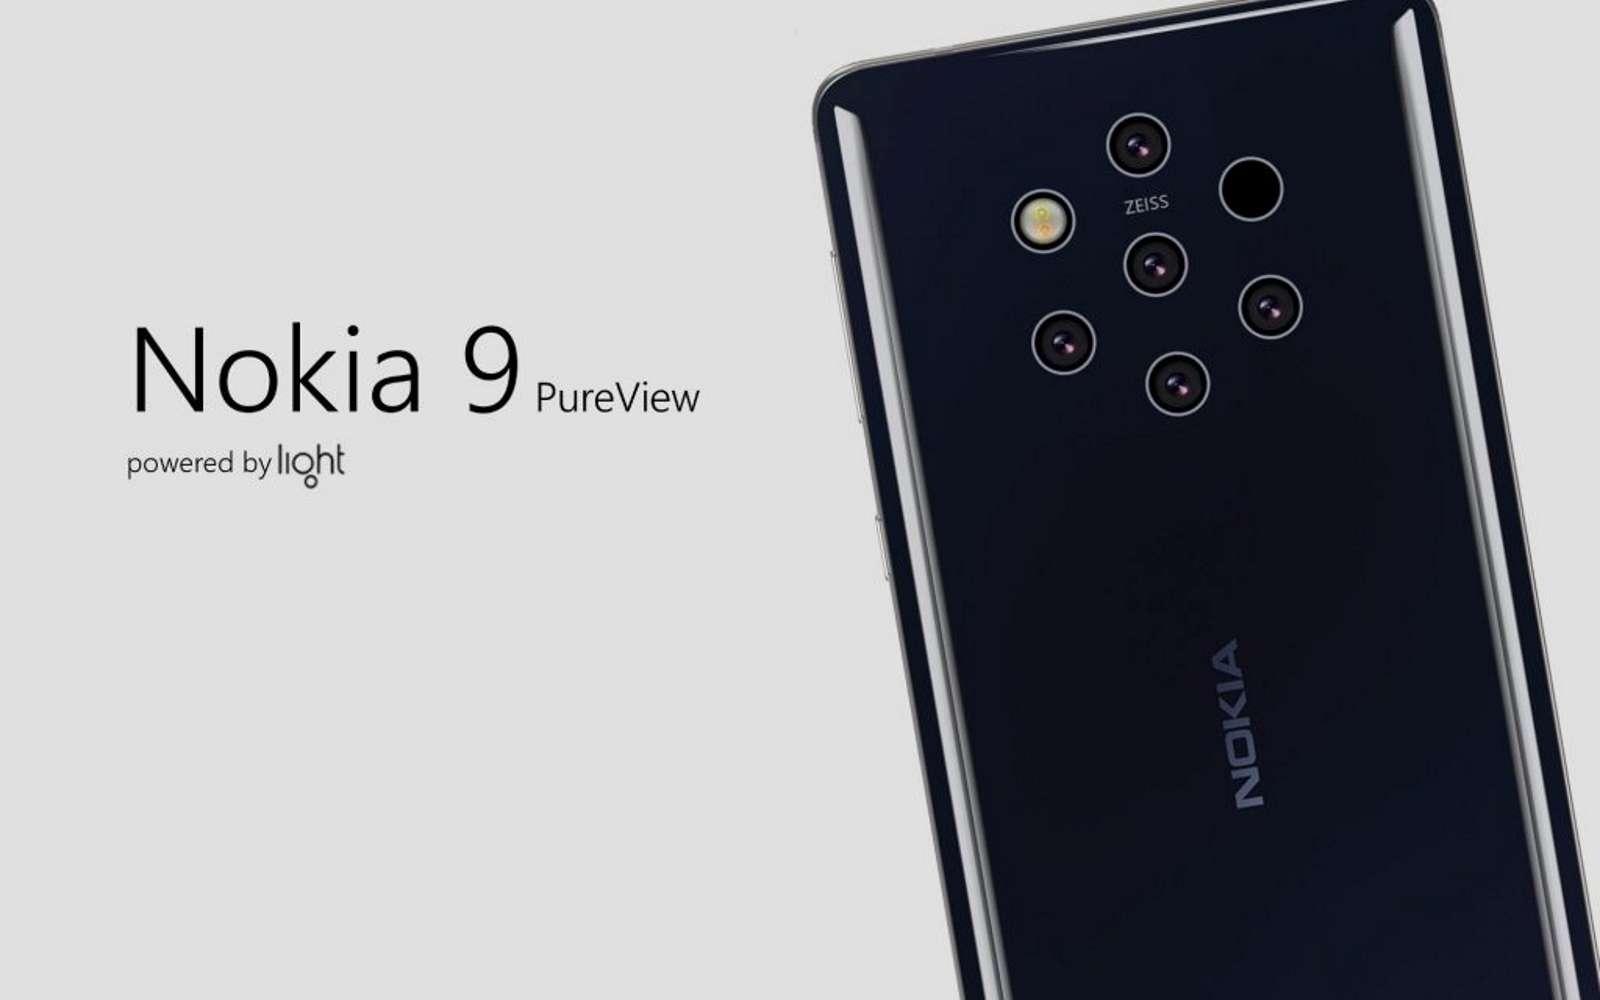 Avec ses cinq capteurs photos sur le dos placés de façon hexagonale, le Nokia 9 Pureview sera-t-il le mobile doté du plus grand nombre de modules photos en 2019 ? © Eero Concept